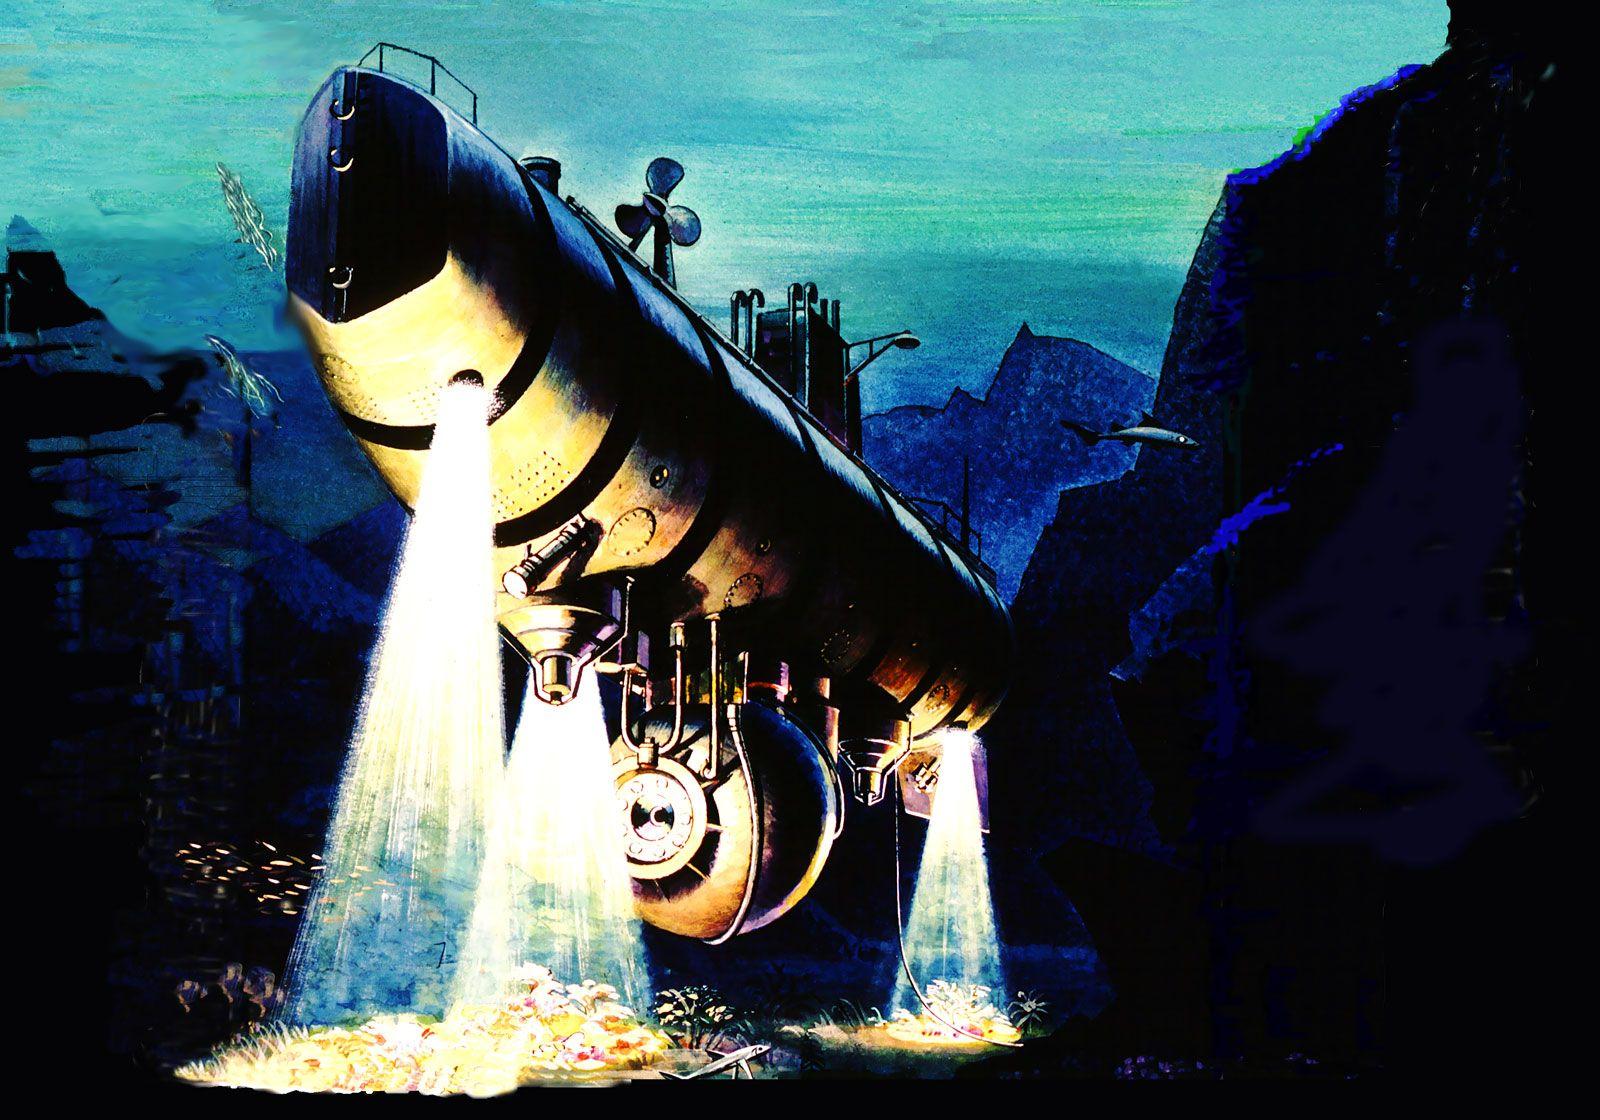 barellieri trieste submarine - photo#37